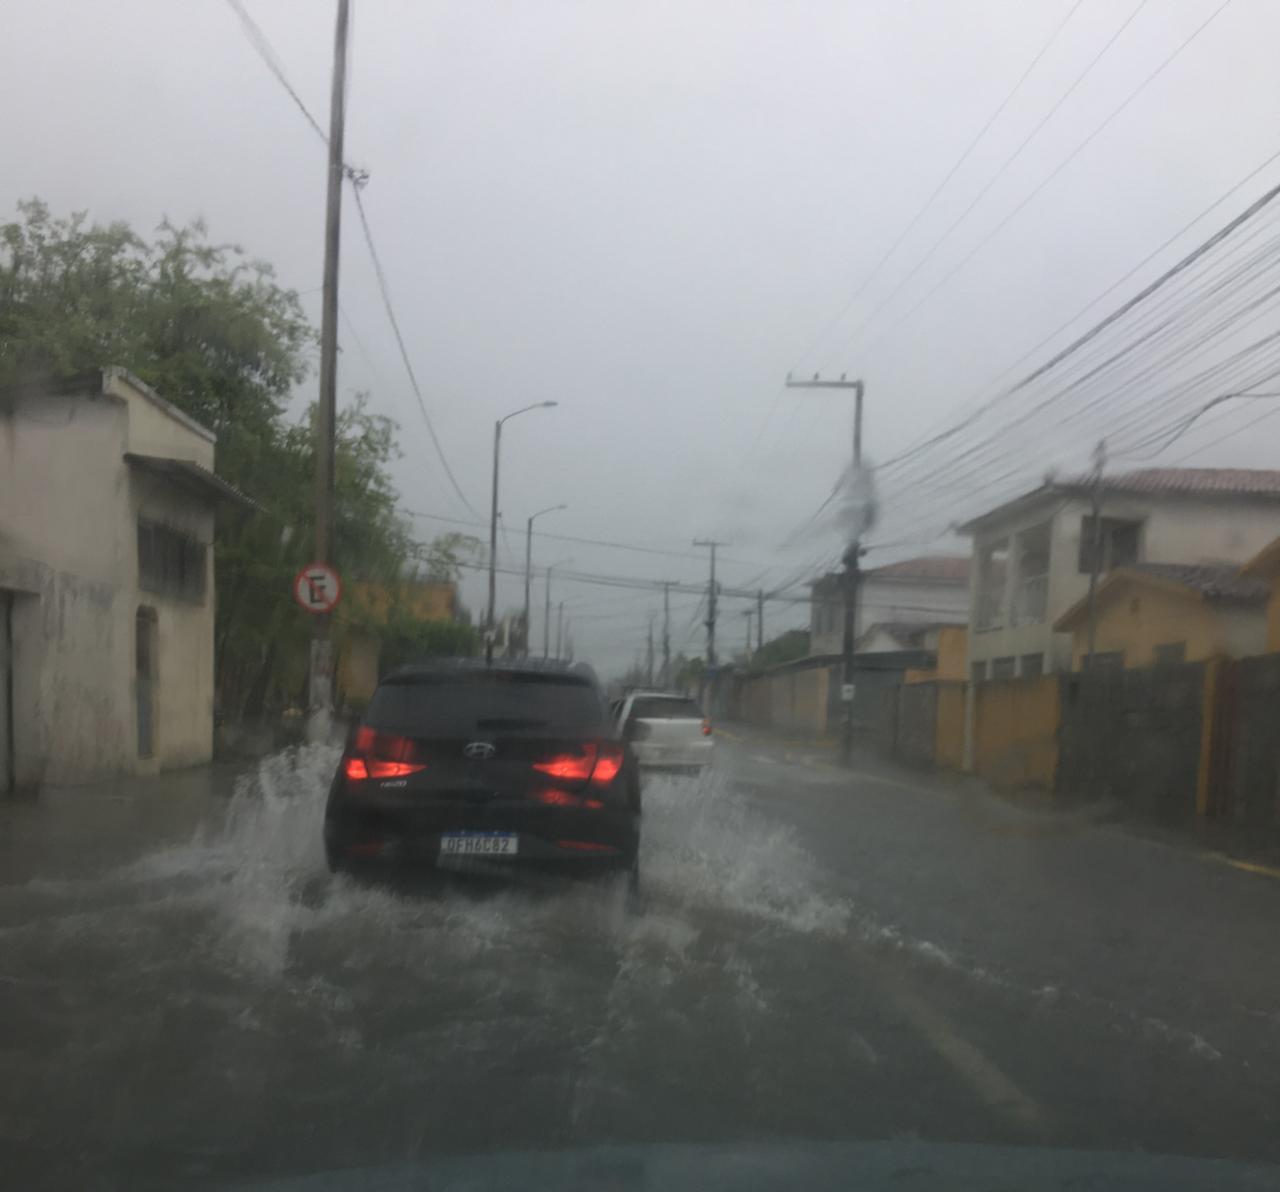 WhatsApp Image 2021 02 26 at 15.36.10 - Atendimento normalizado: chuvas deixaram 8 mil consumidores sem energia na Região Metropolitana de João Pessoa